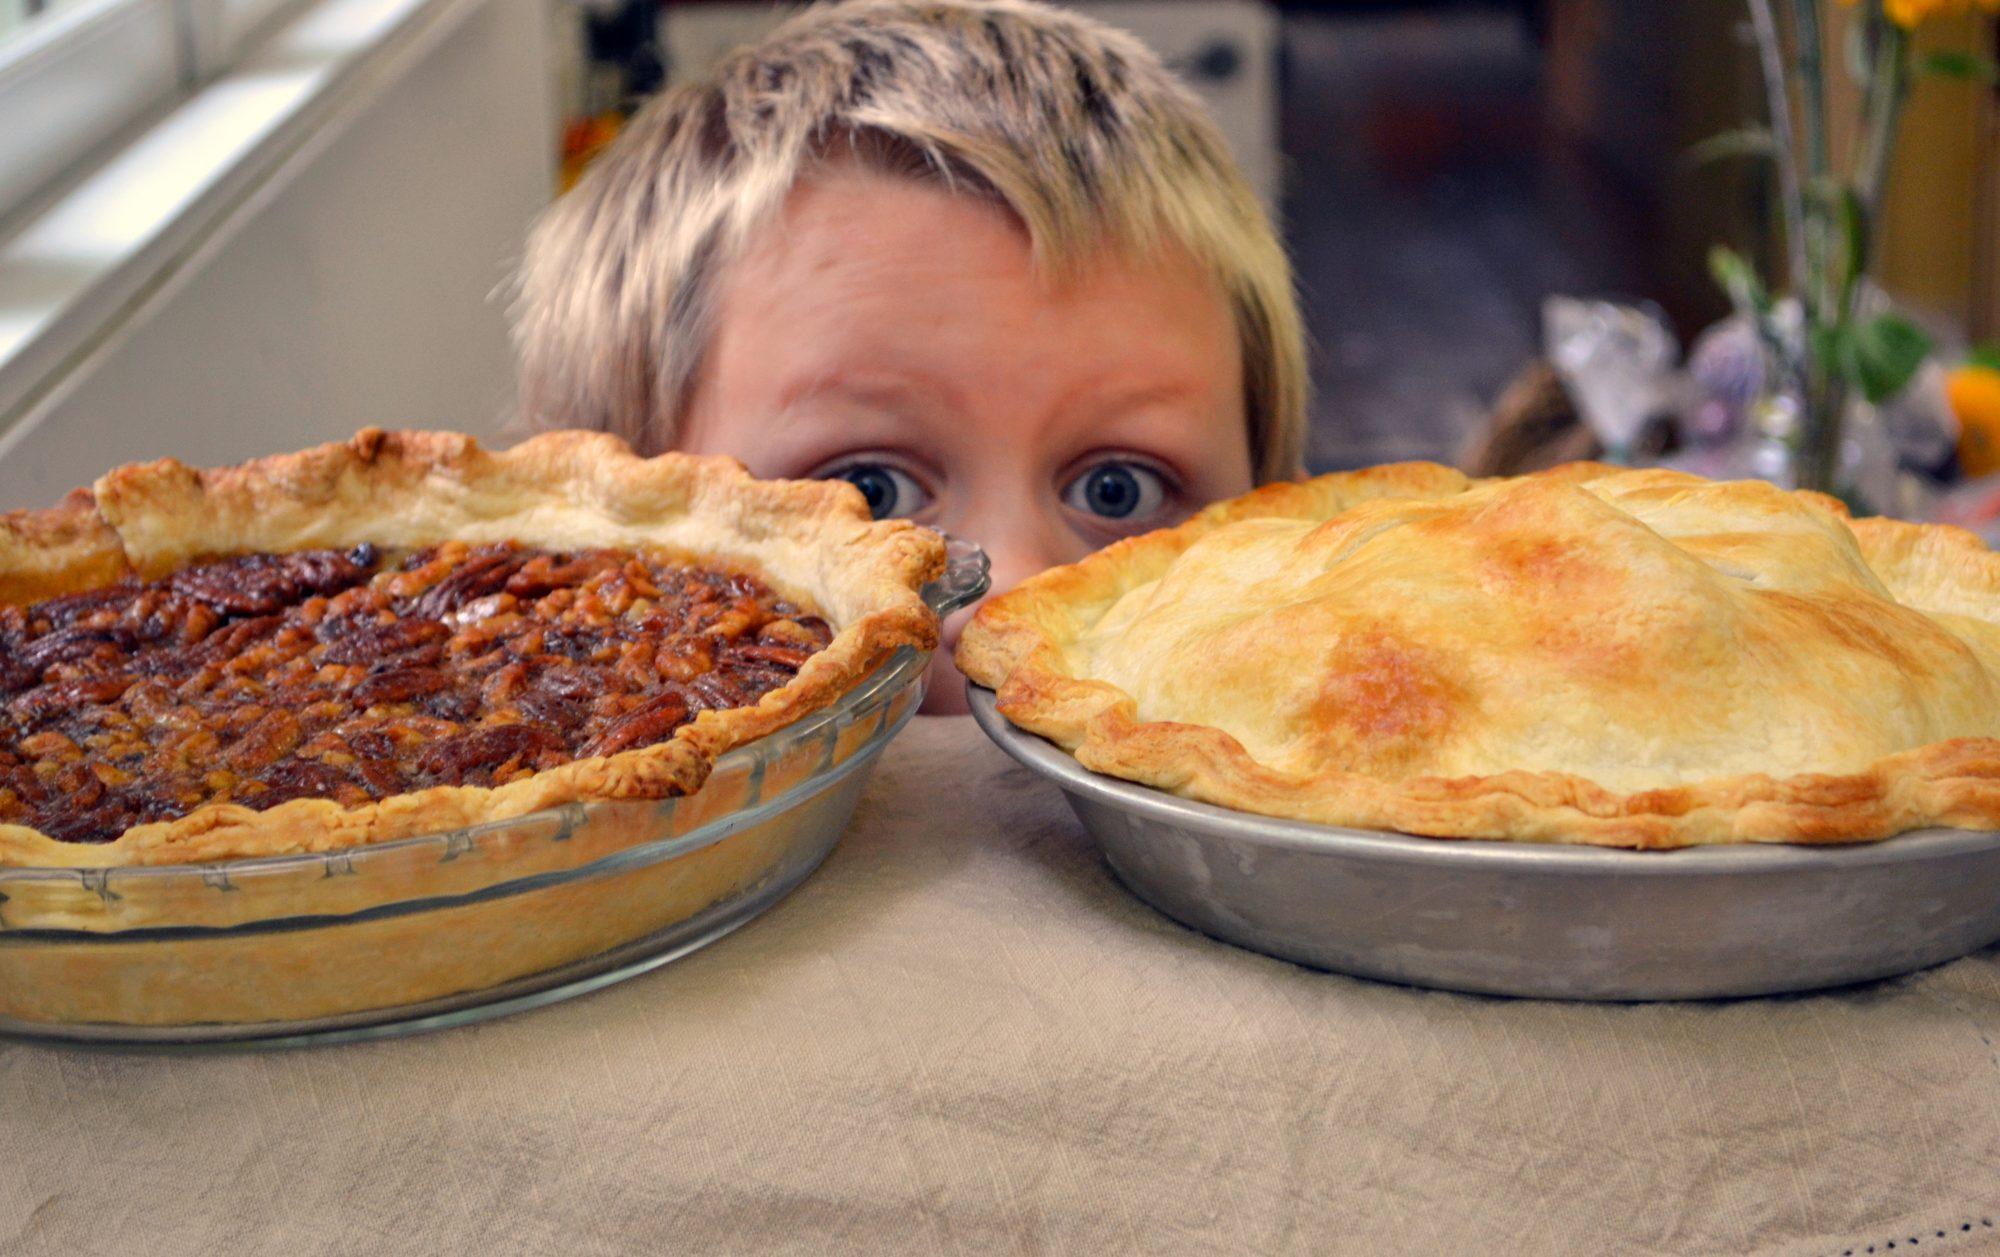 Pie shot - main 3